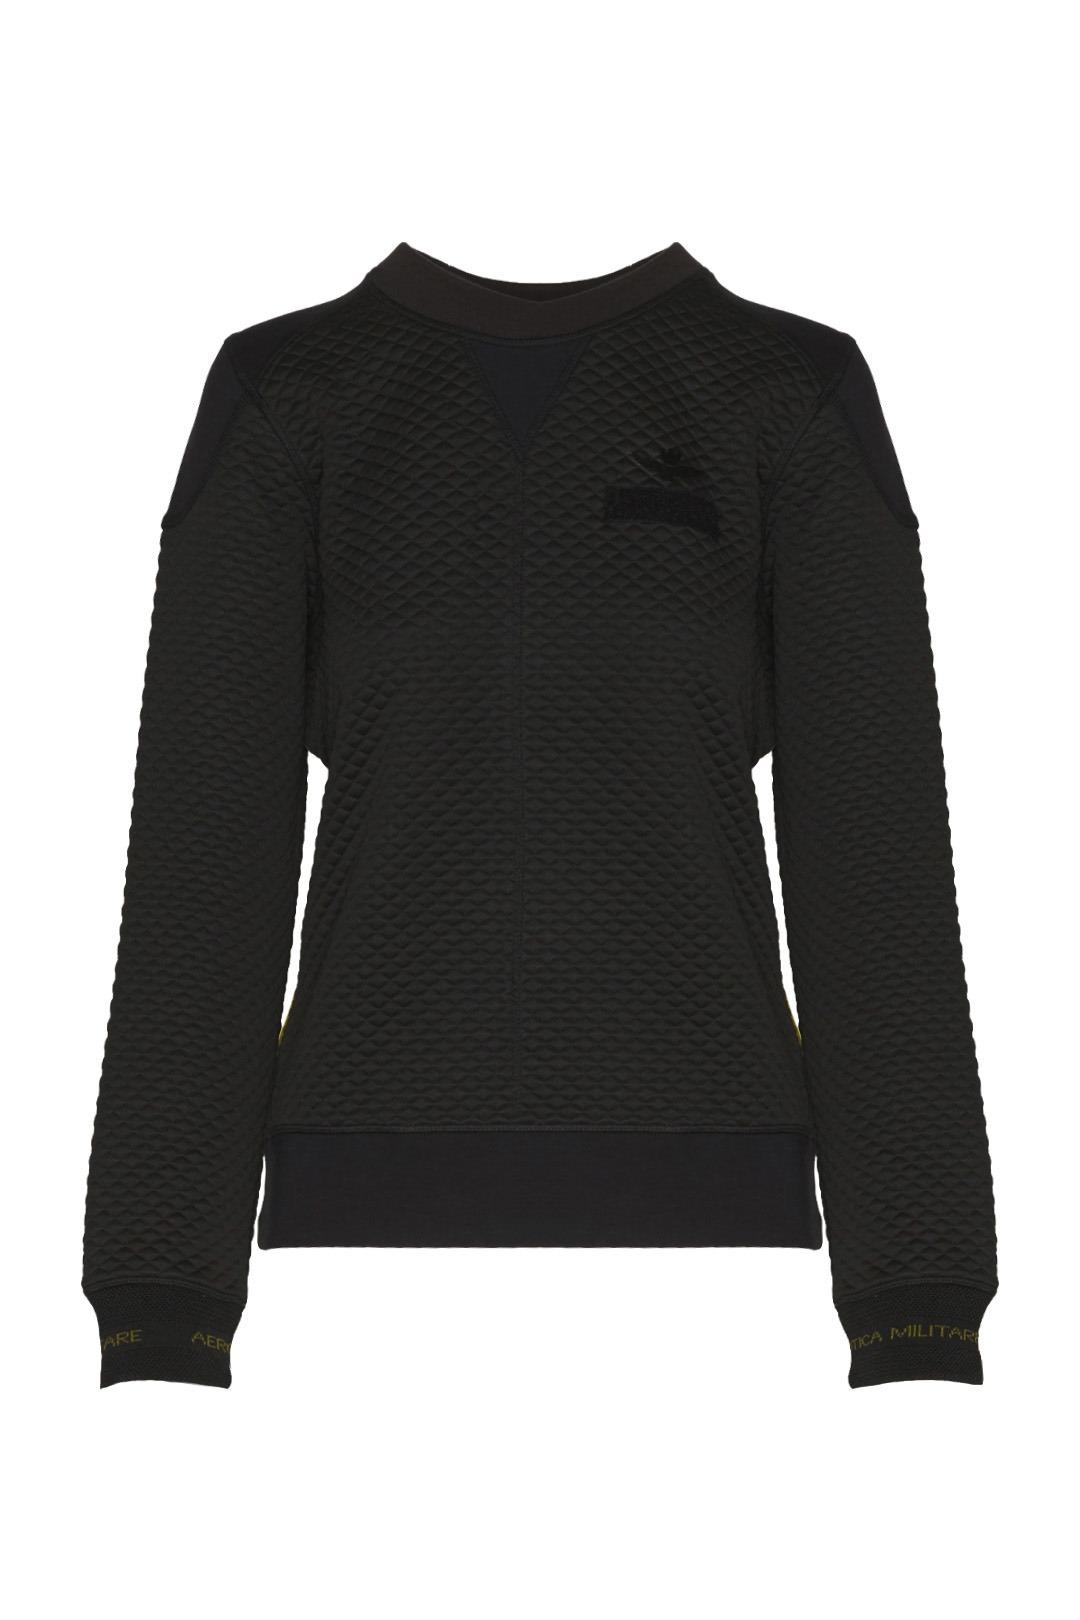 Quilted round neck sweatshirt